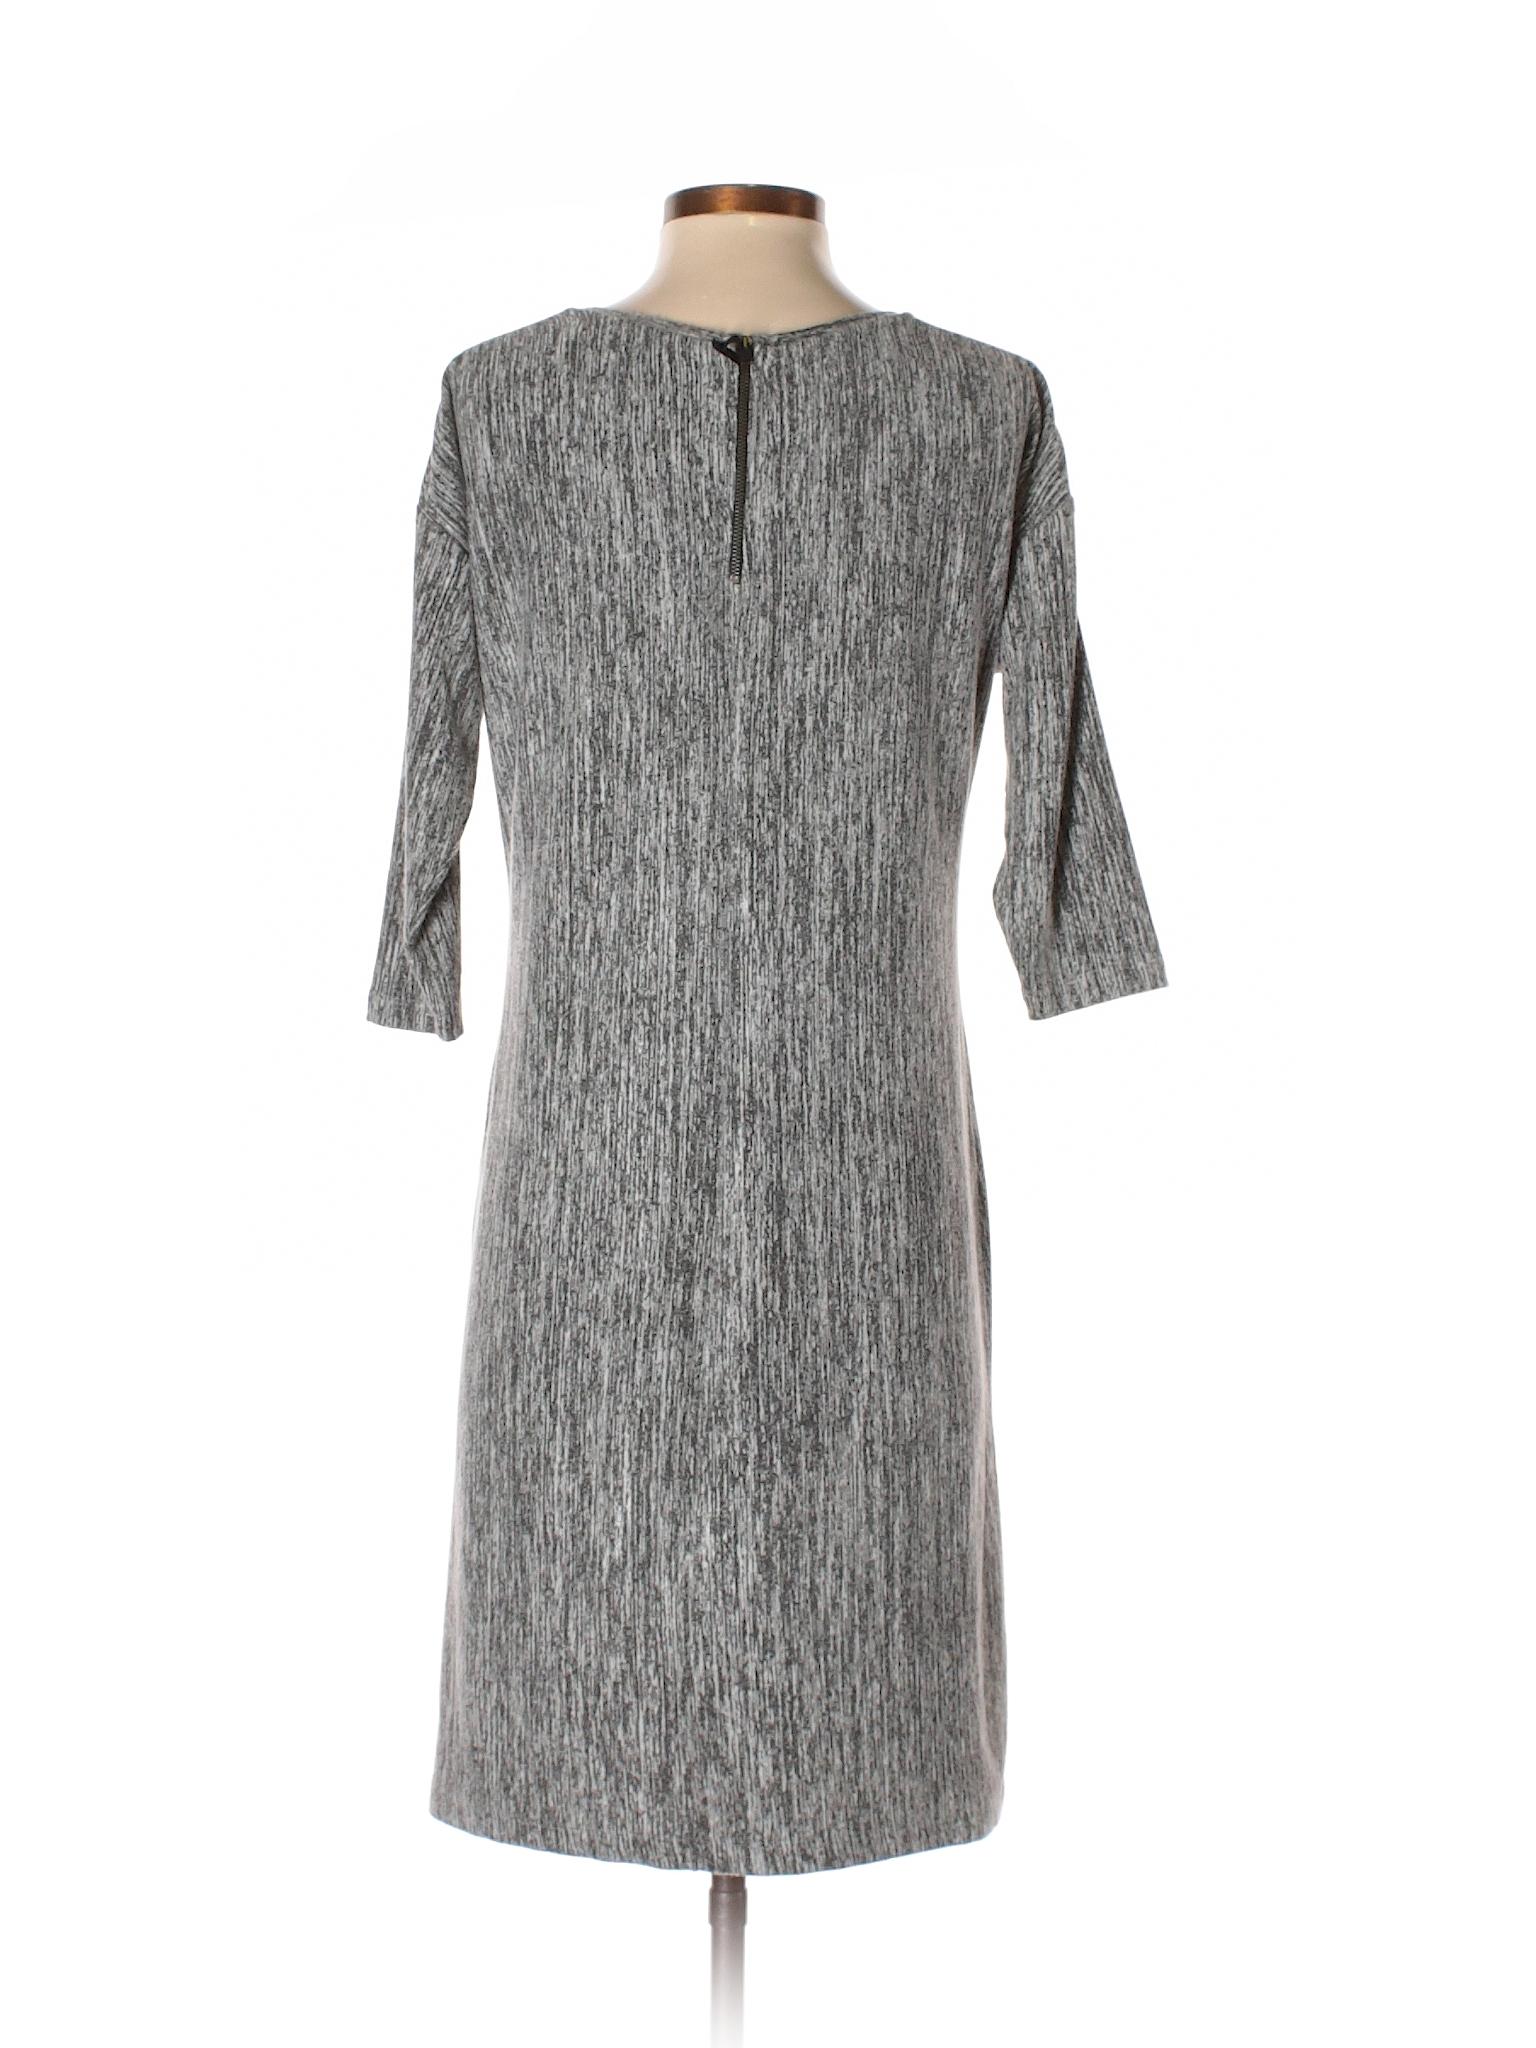 Soft Casual Surroundings Boutique winter Dress zCnwPxxB5q